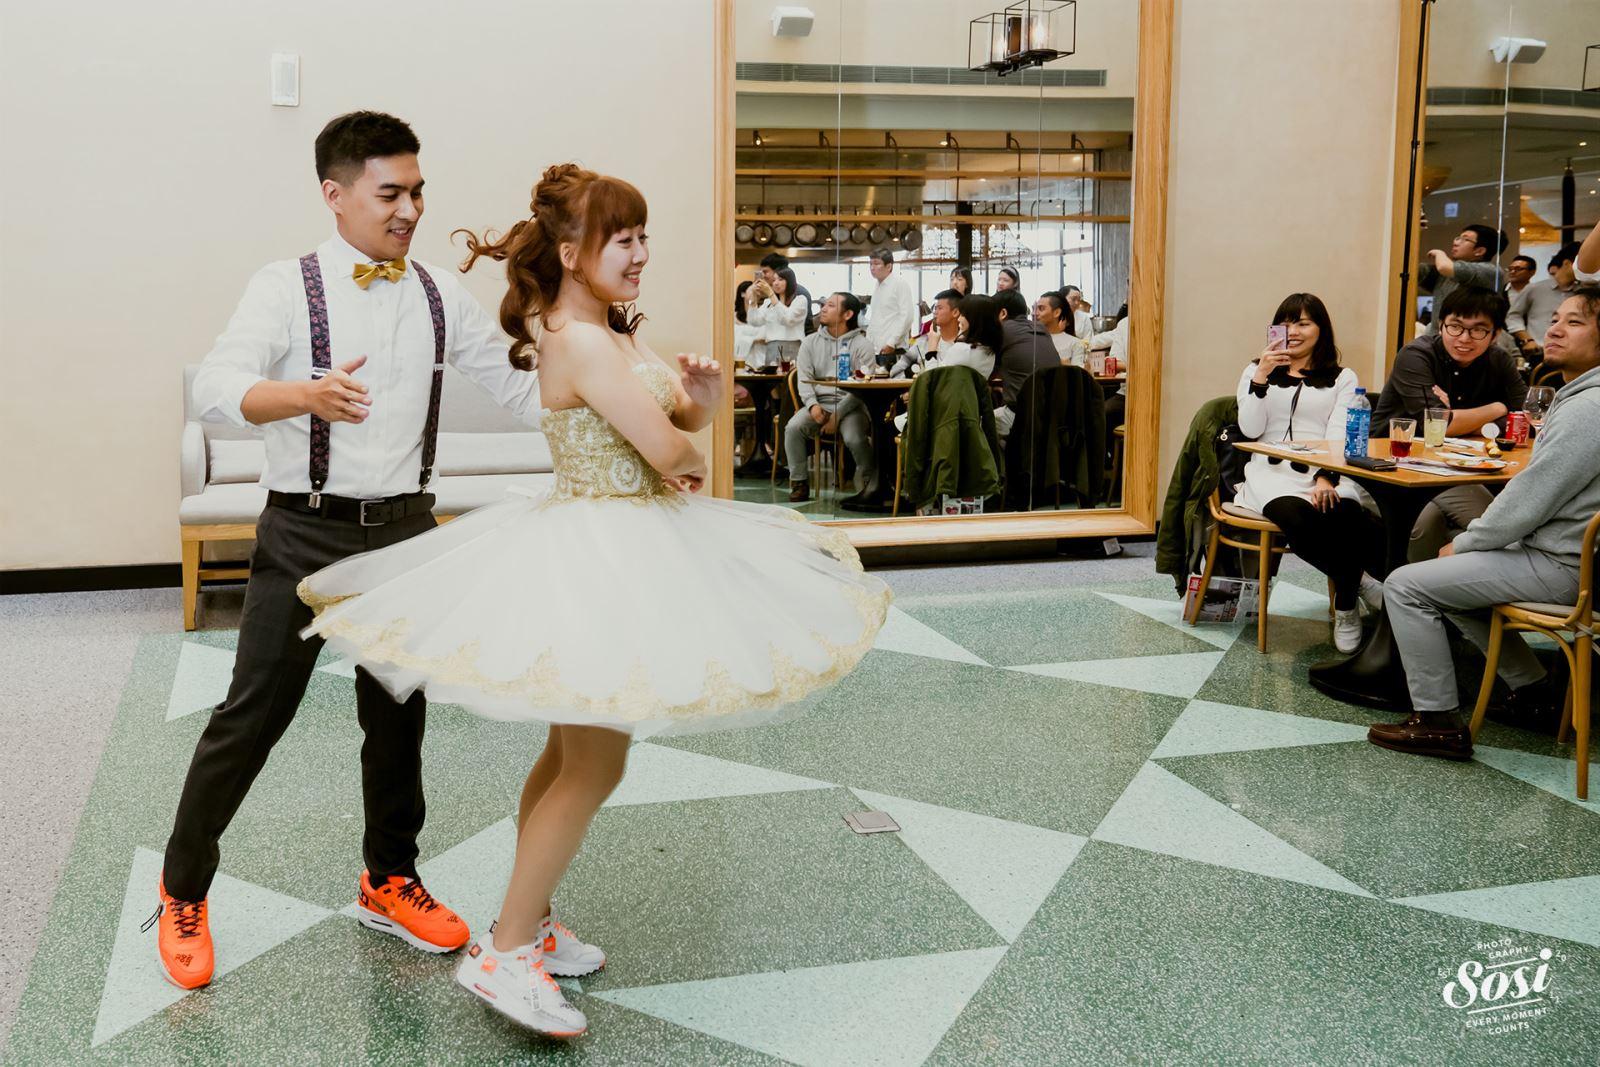 動感的婚禮舞蹈